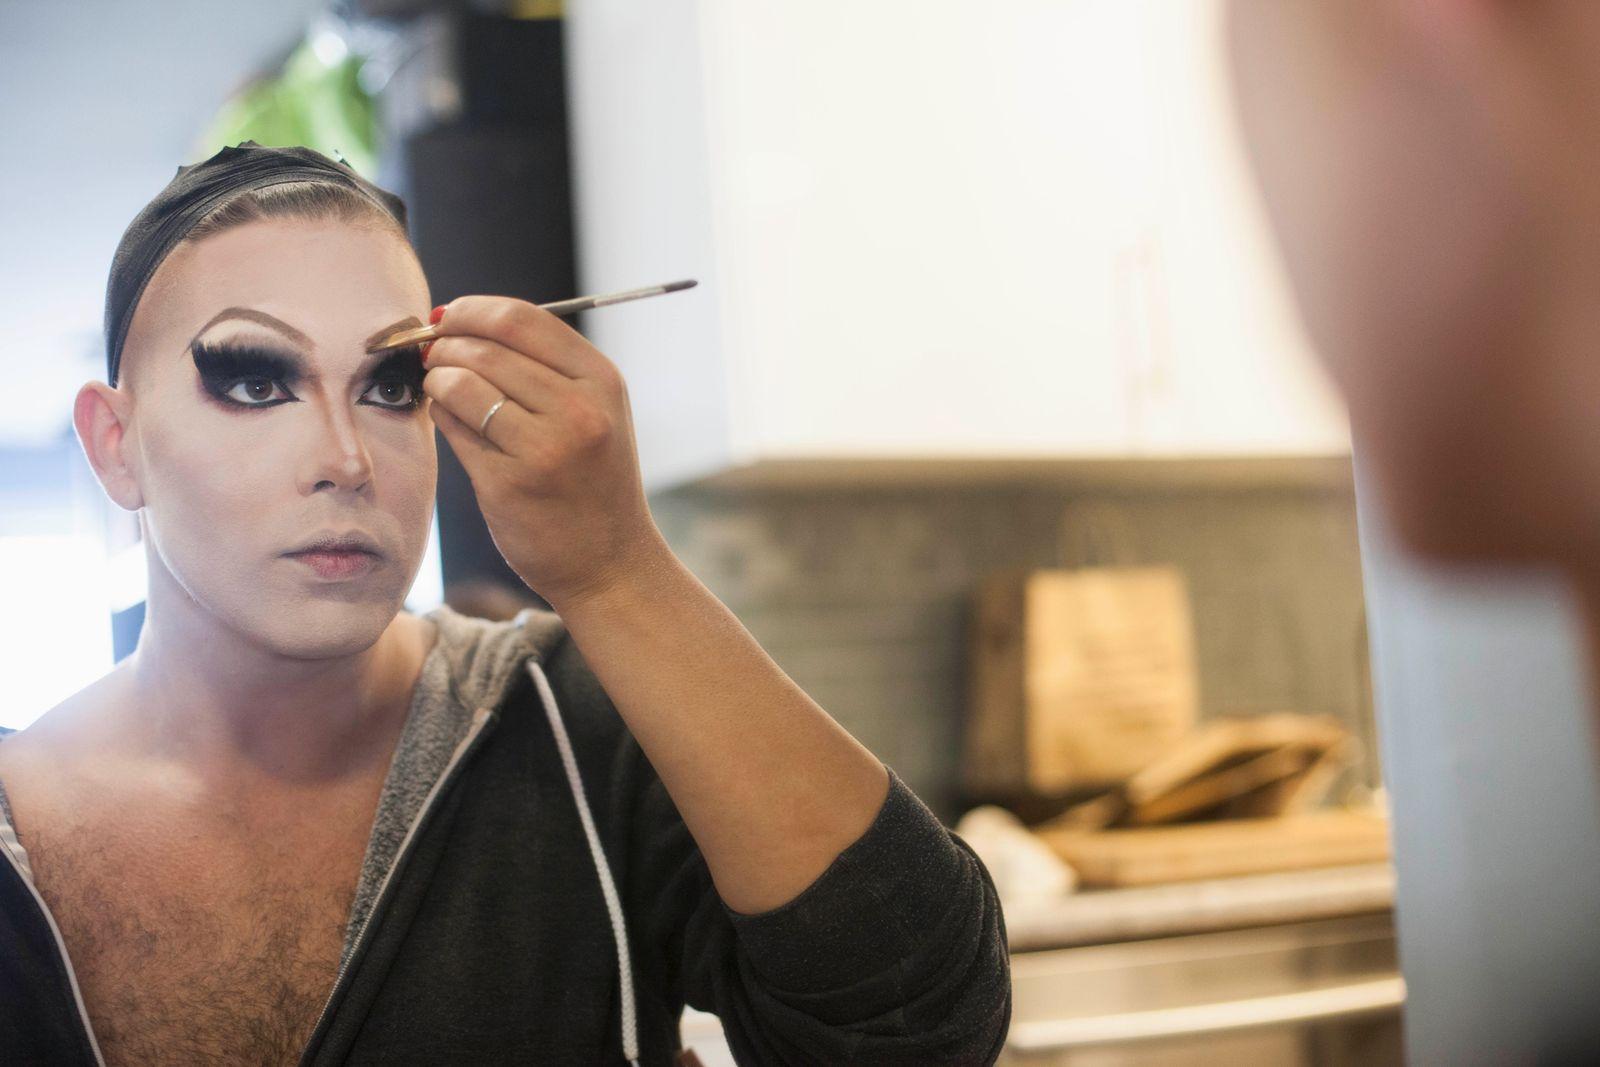 NICHT MEHR VERWENDEN! - Young man applying drag makeup